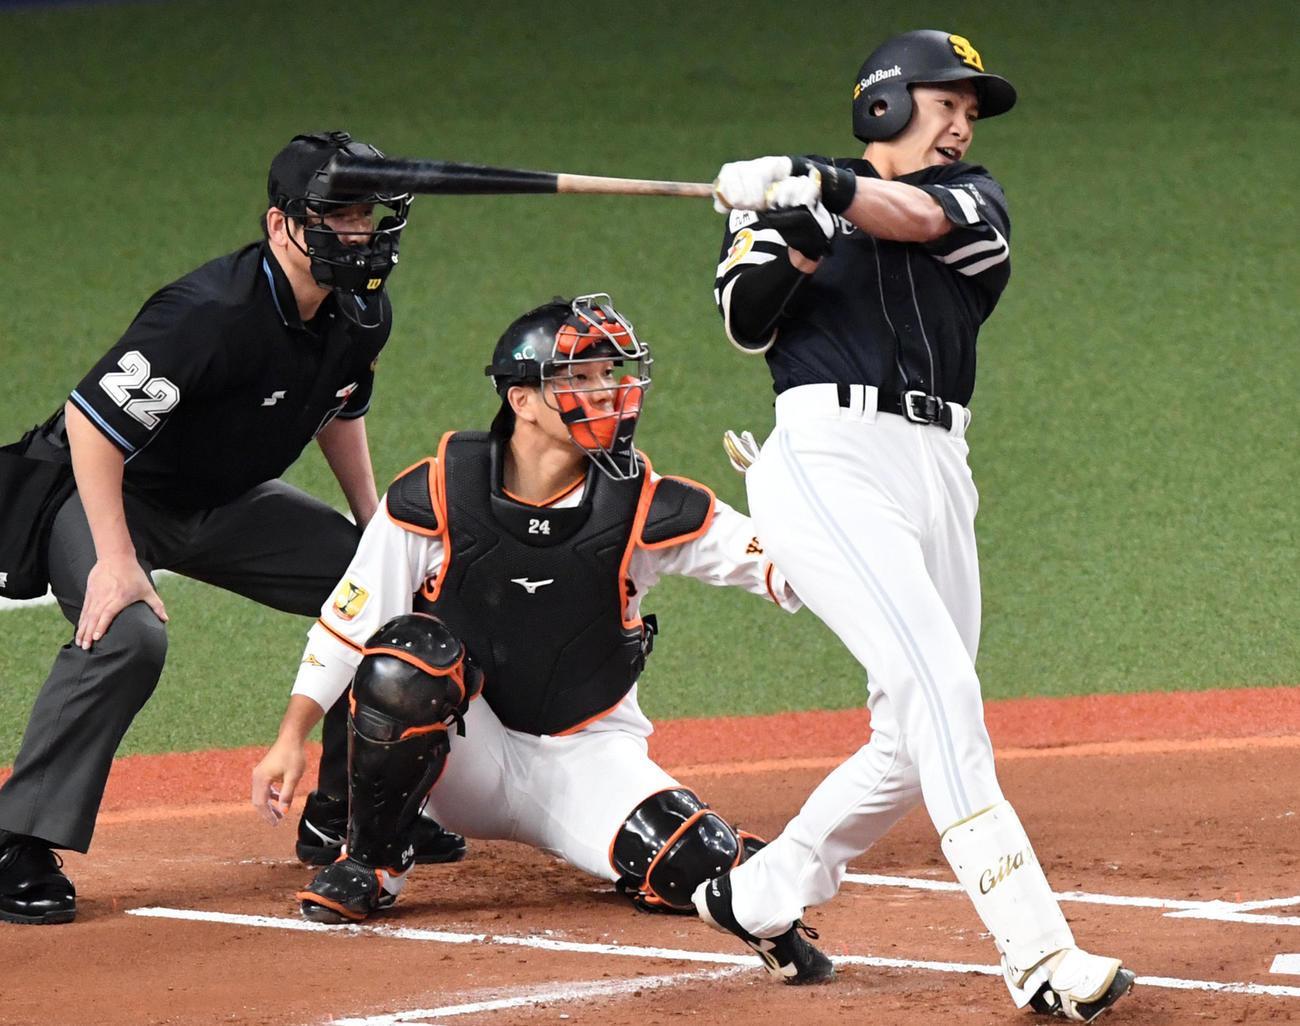 巨人対ソフトバンク 1回表ソフトバンク1死二塁、柳田は先制の中越え適時二塁打を放つ(撮影・前岡正明)